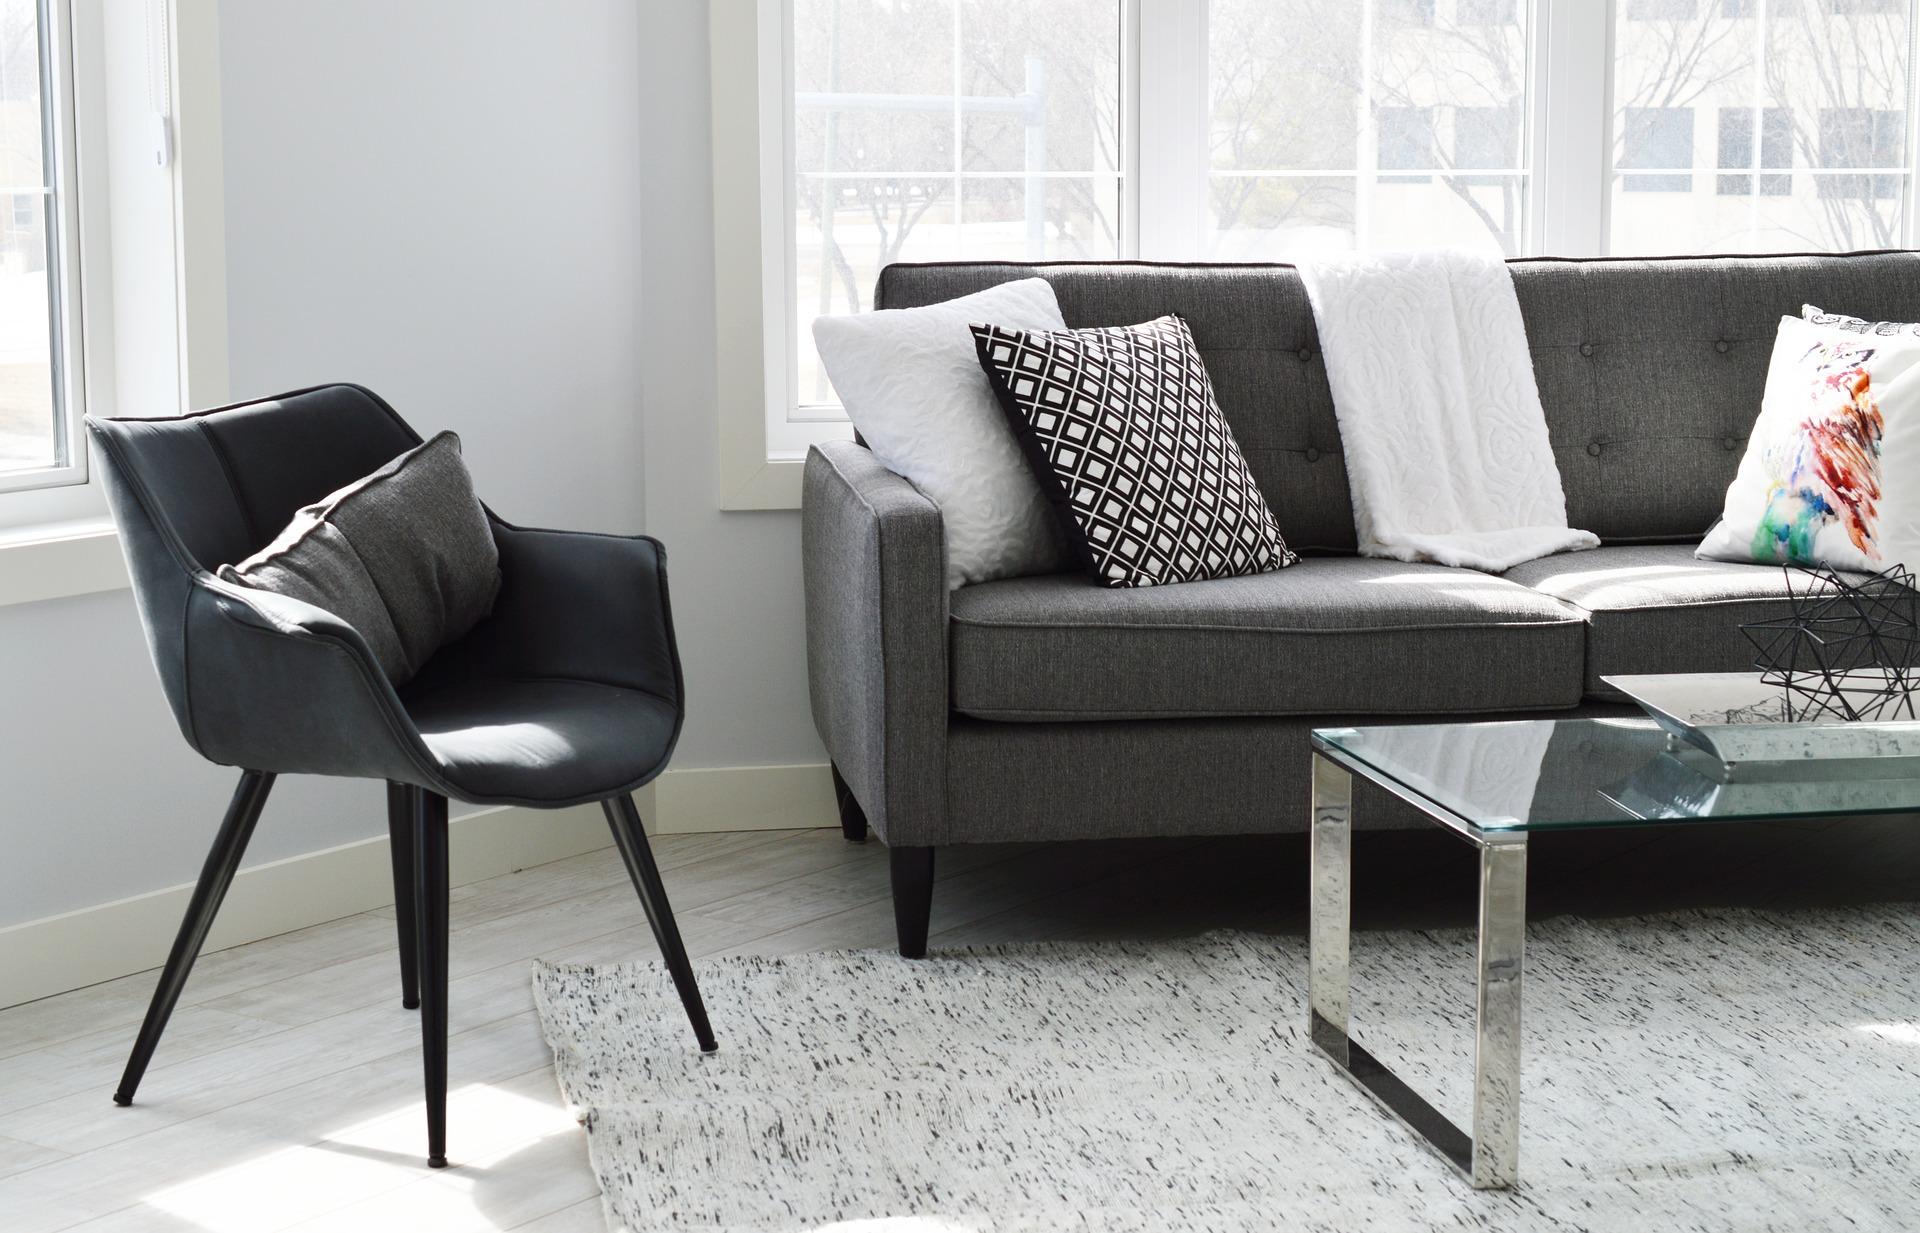 furniture for sale in Kenya